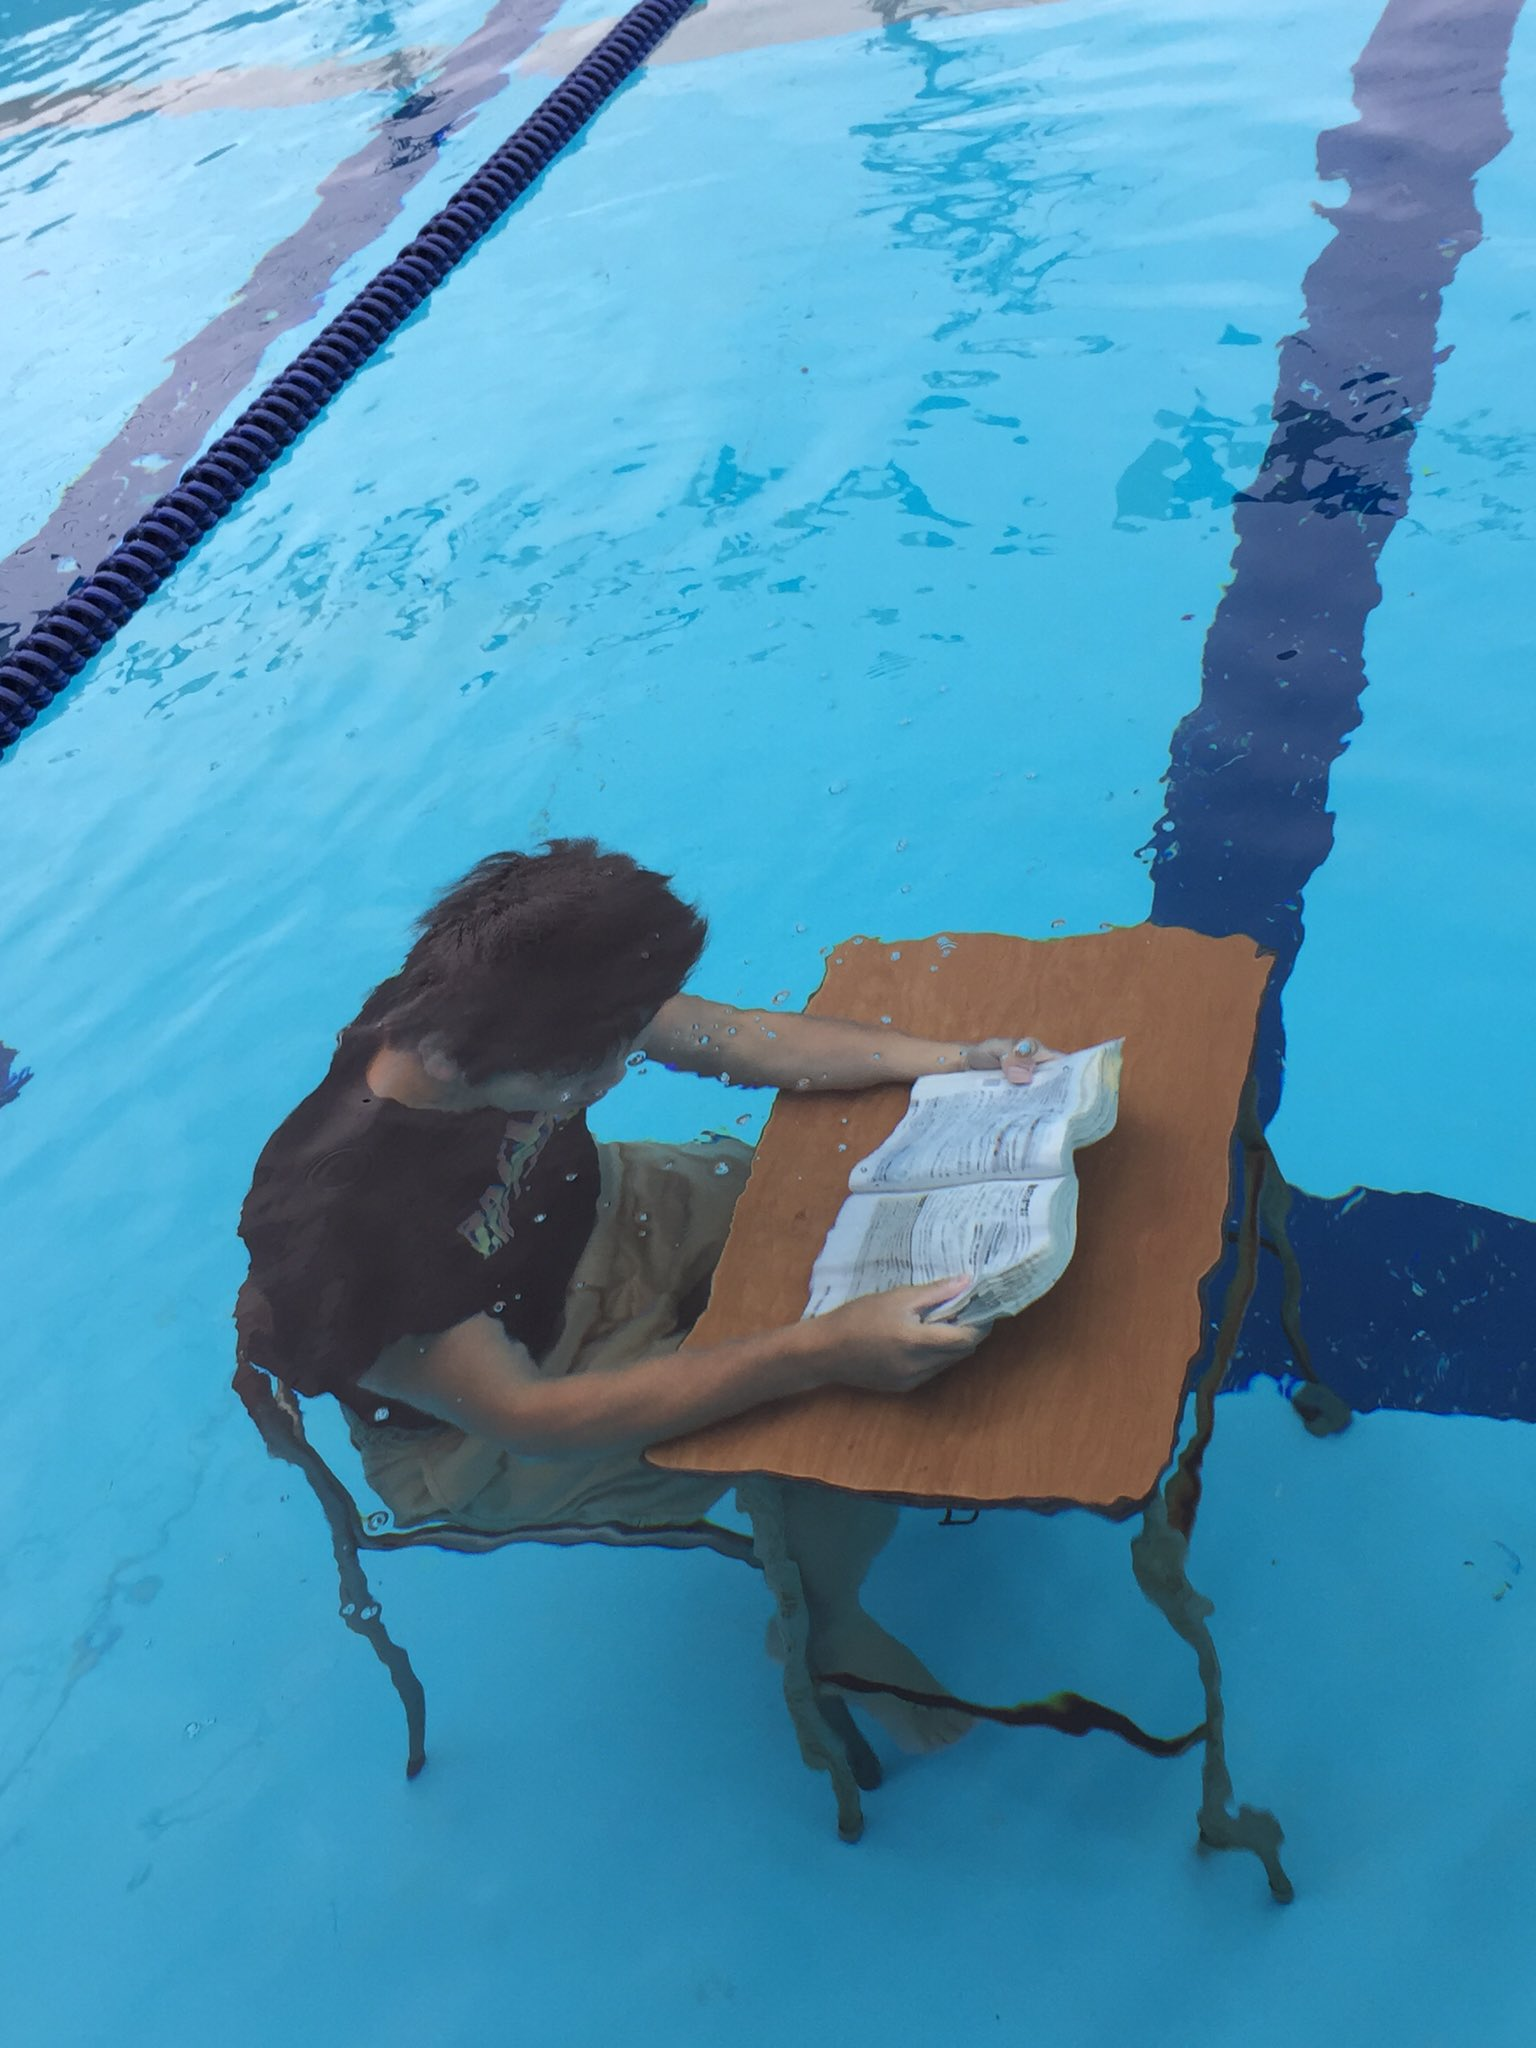 夏休みに入り、より本格的な練習が連日行われていますが、部員達は少ない時間をうまくやりくりして勉強と部活の両立をはかっています!!!三年生は、練習しながら受験勉強することにより、とても効率的に時間を使っています!!受験生の鑑ですね!!